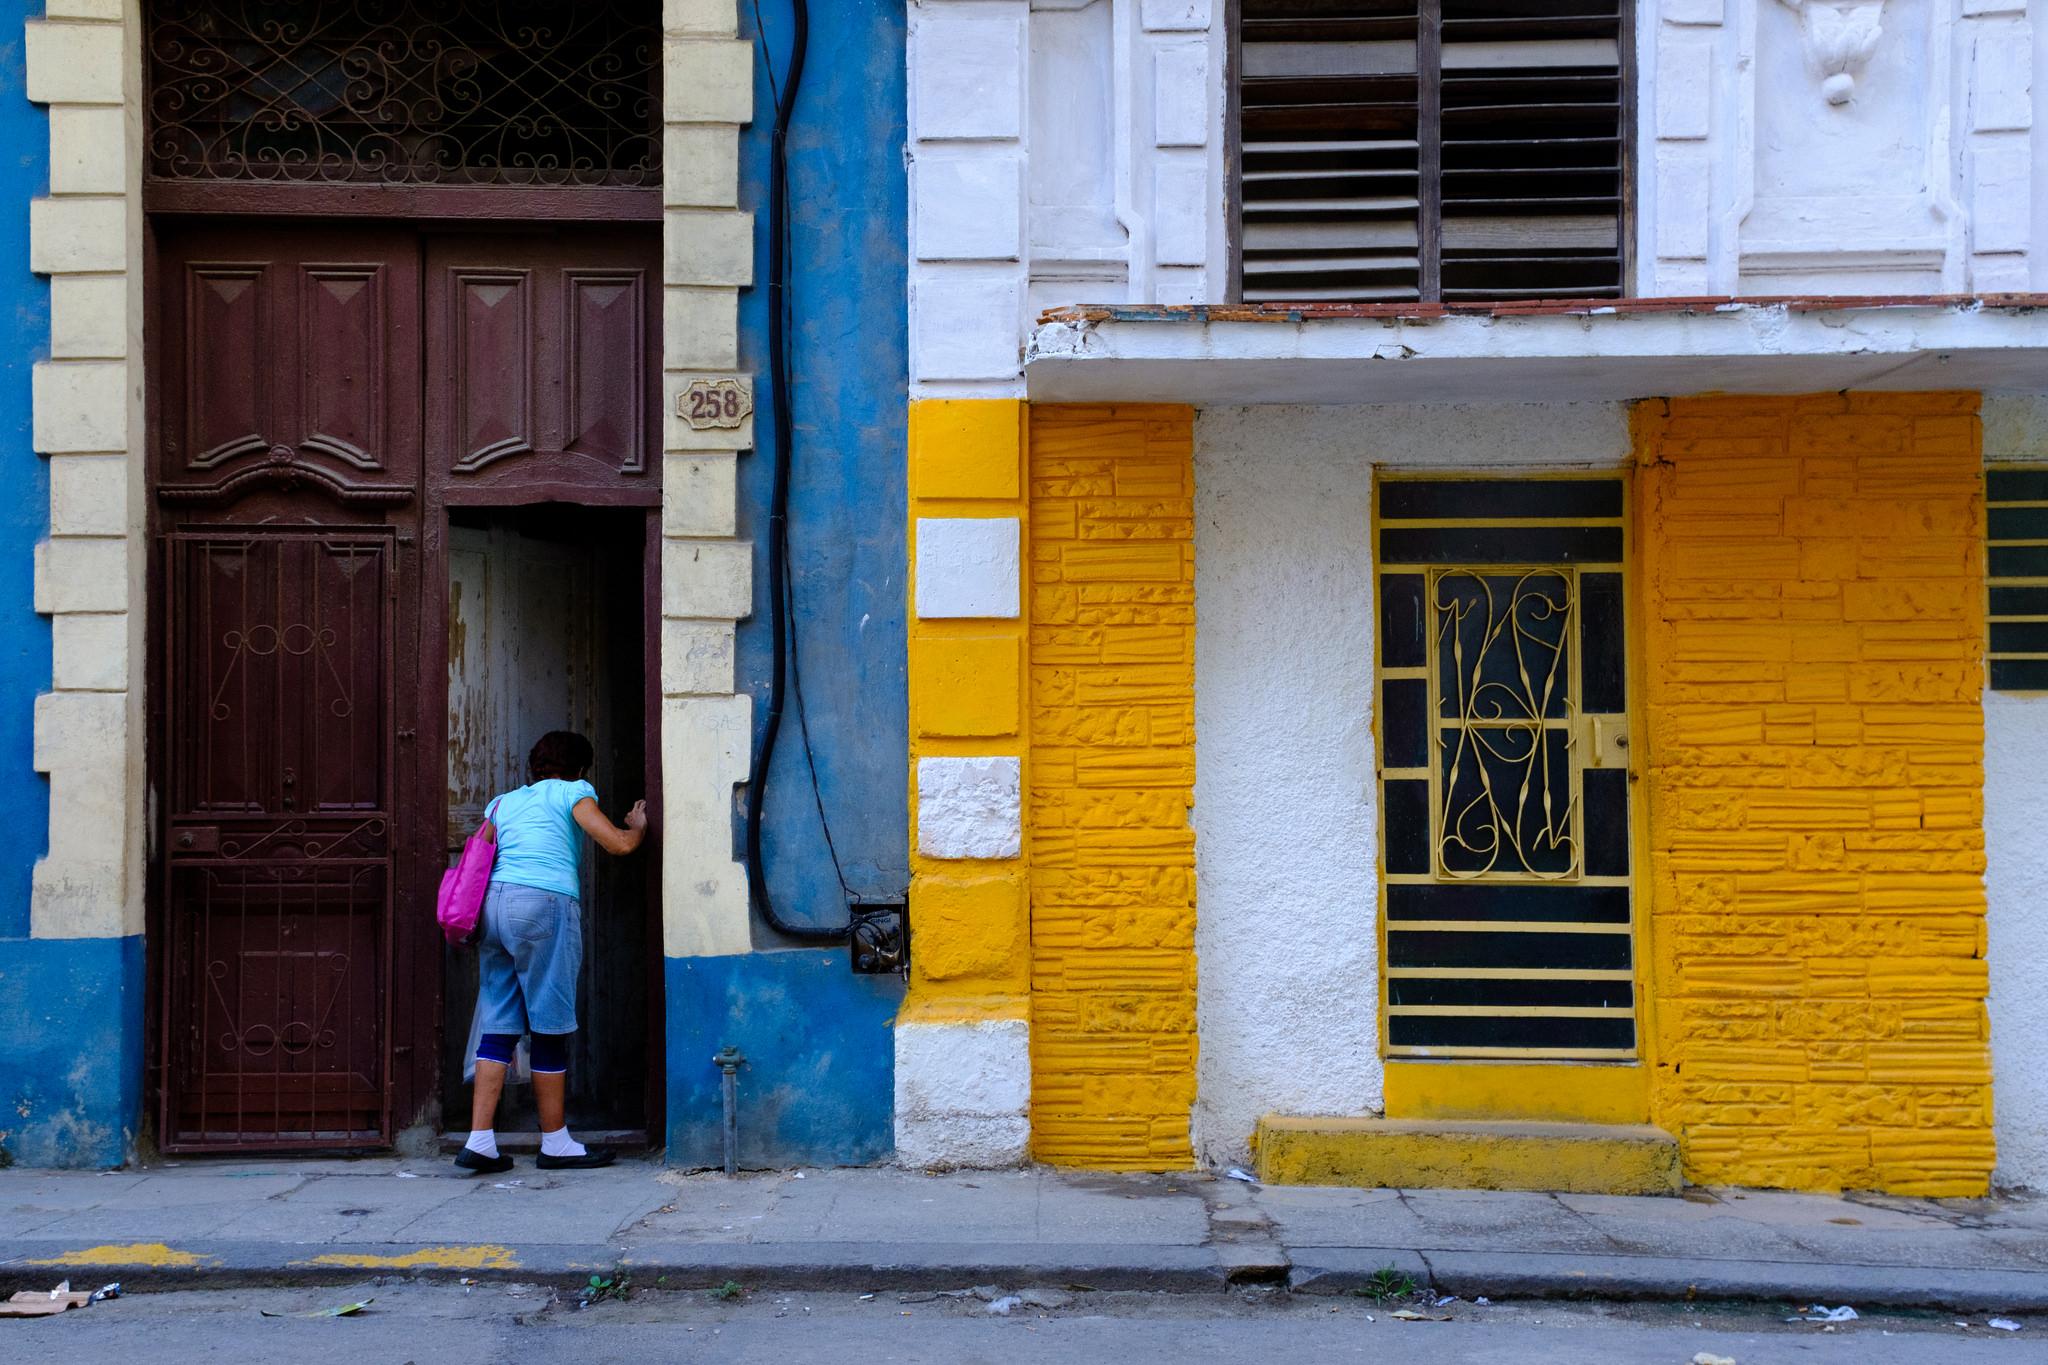 Centro Habana backstreets. Photo taken on a Fuji X100F